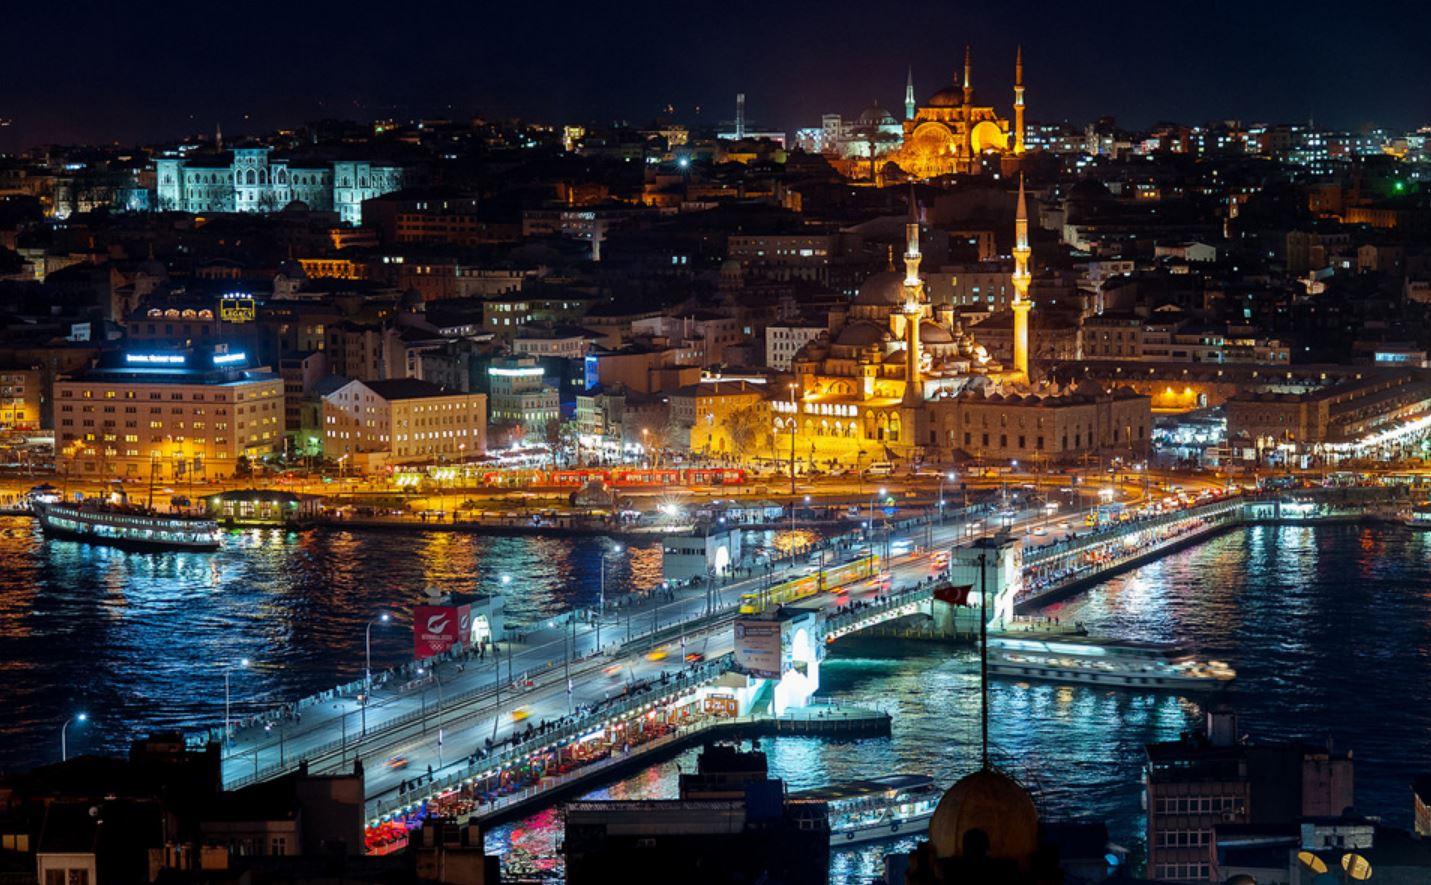 παισιος-κωνσταντινουπολη-ερντογαν-προφητεια-